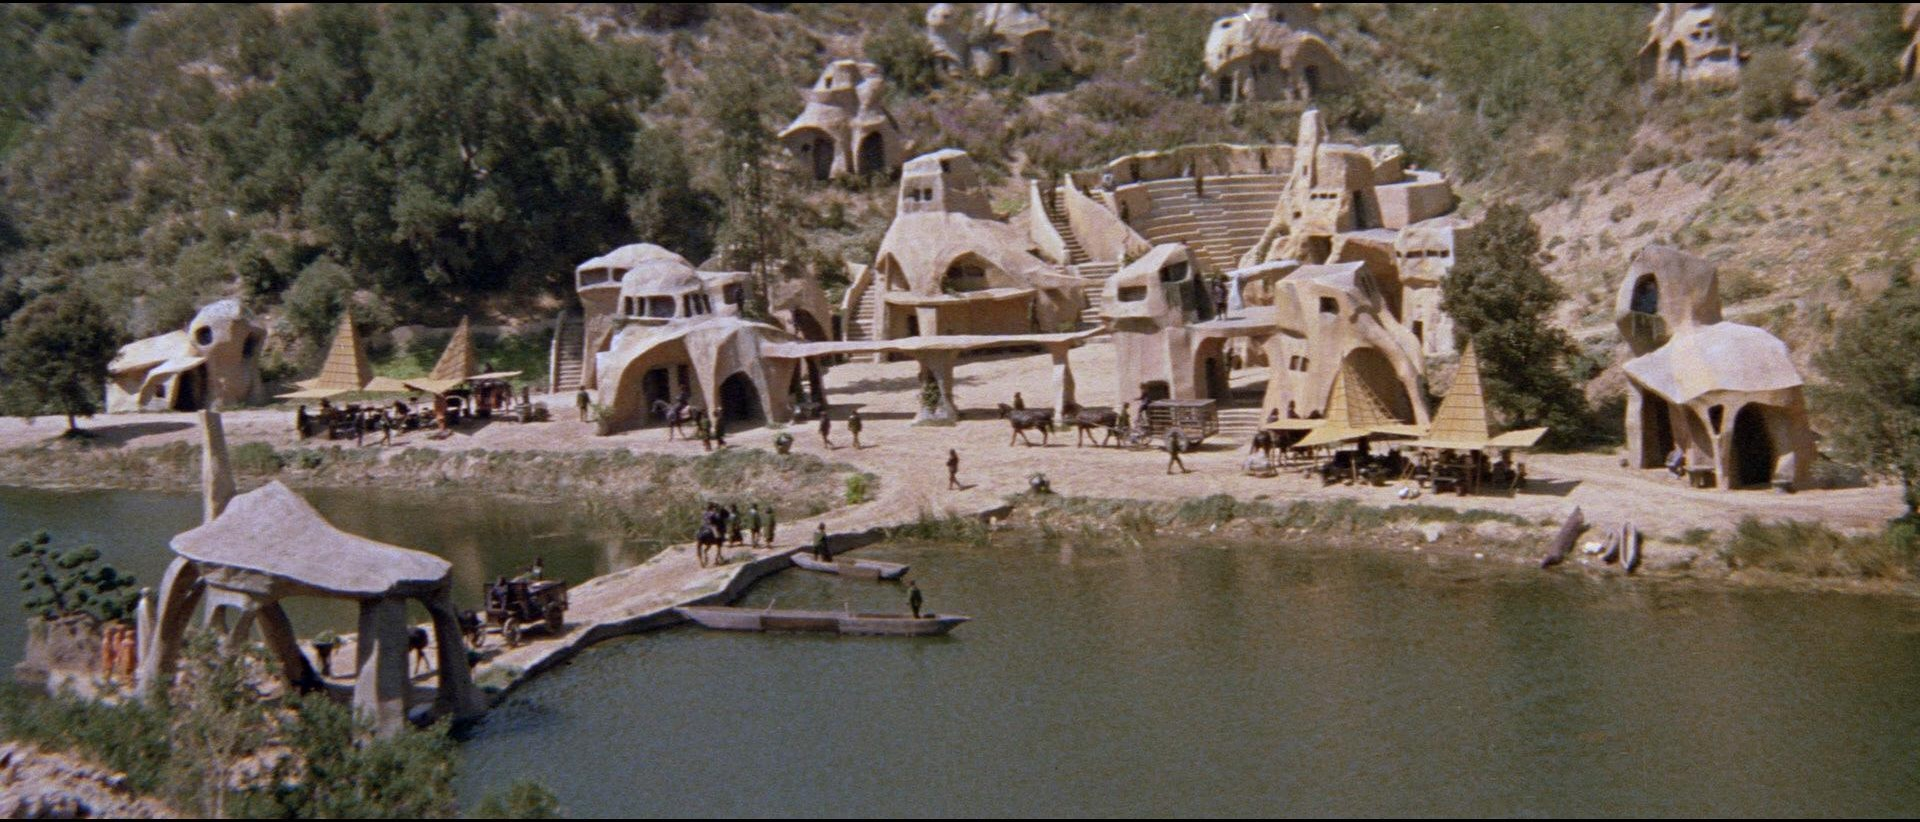 Αποτέλεσμα εικόνας για planet of the apes city